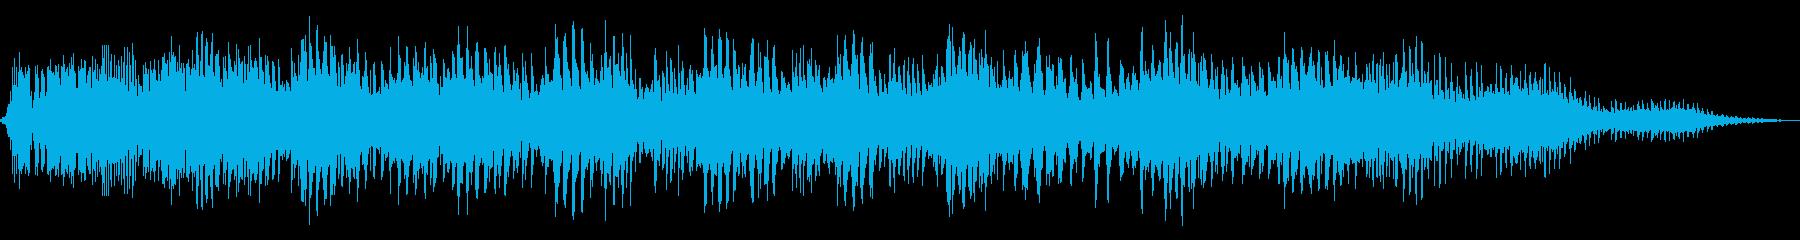 深層のラプチャーの再生済みの波形